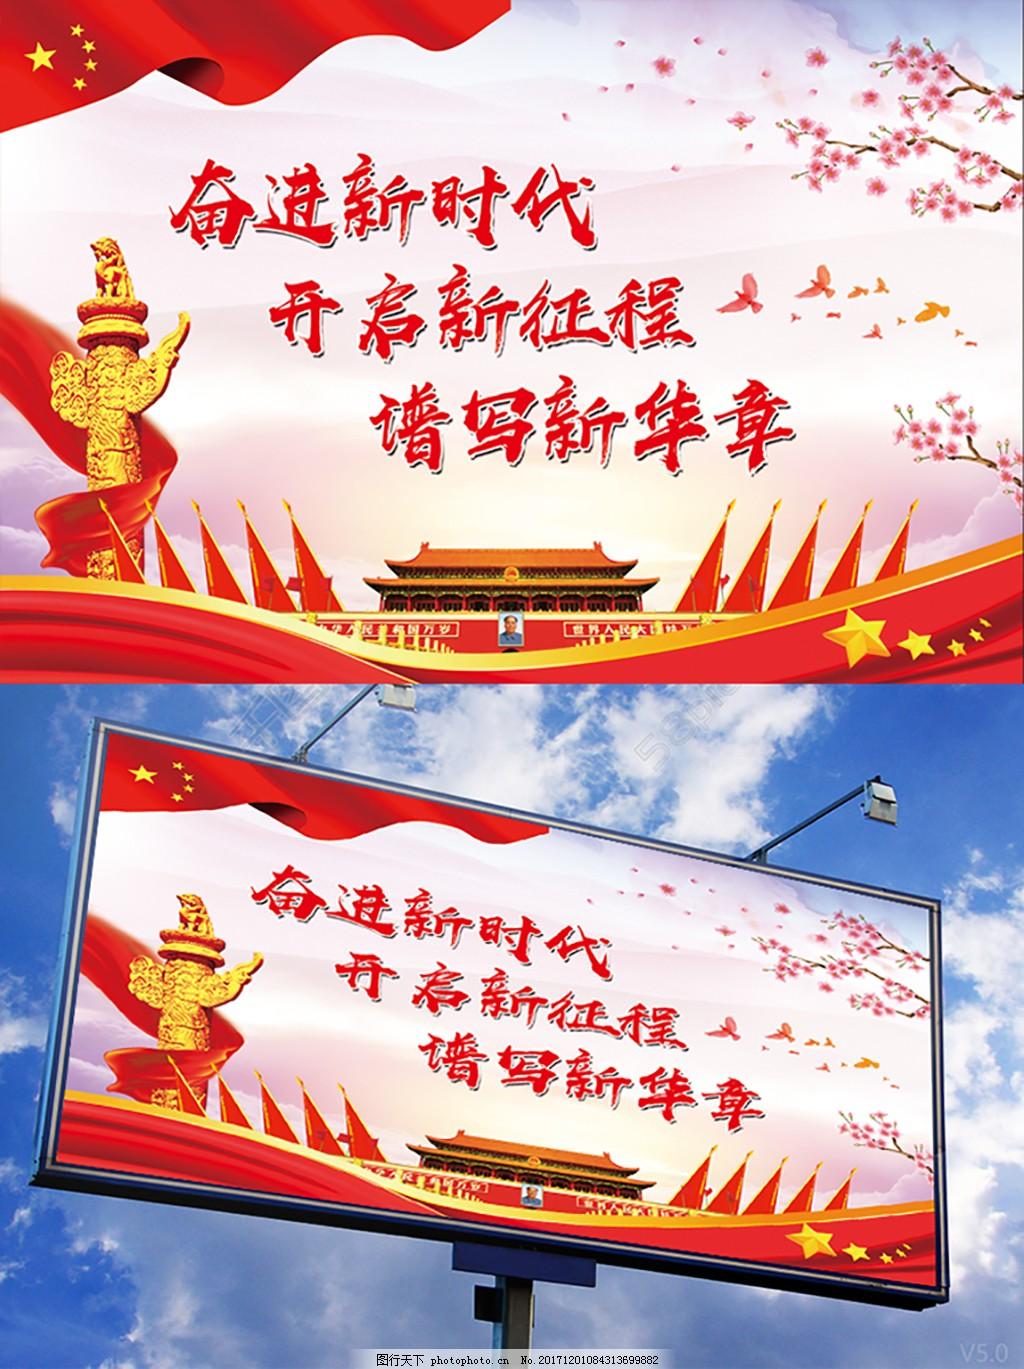 十九大宣传海报 新时代 新征程 新华章 党建 华表 天安门 国旗